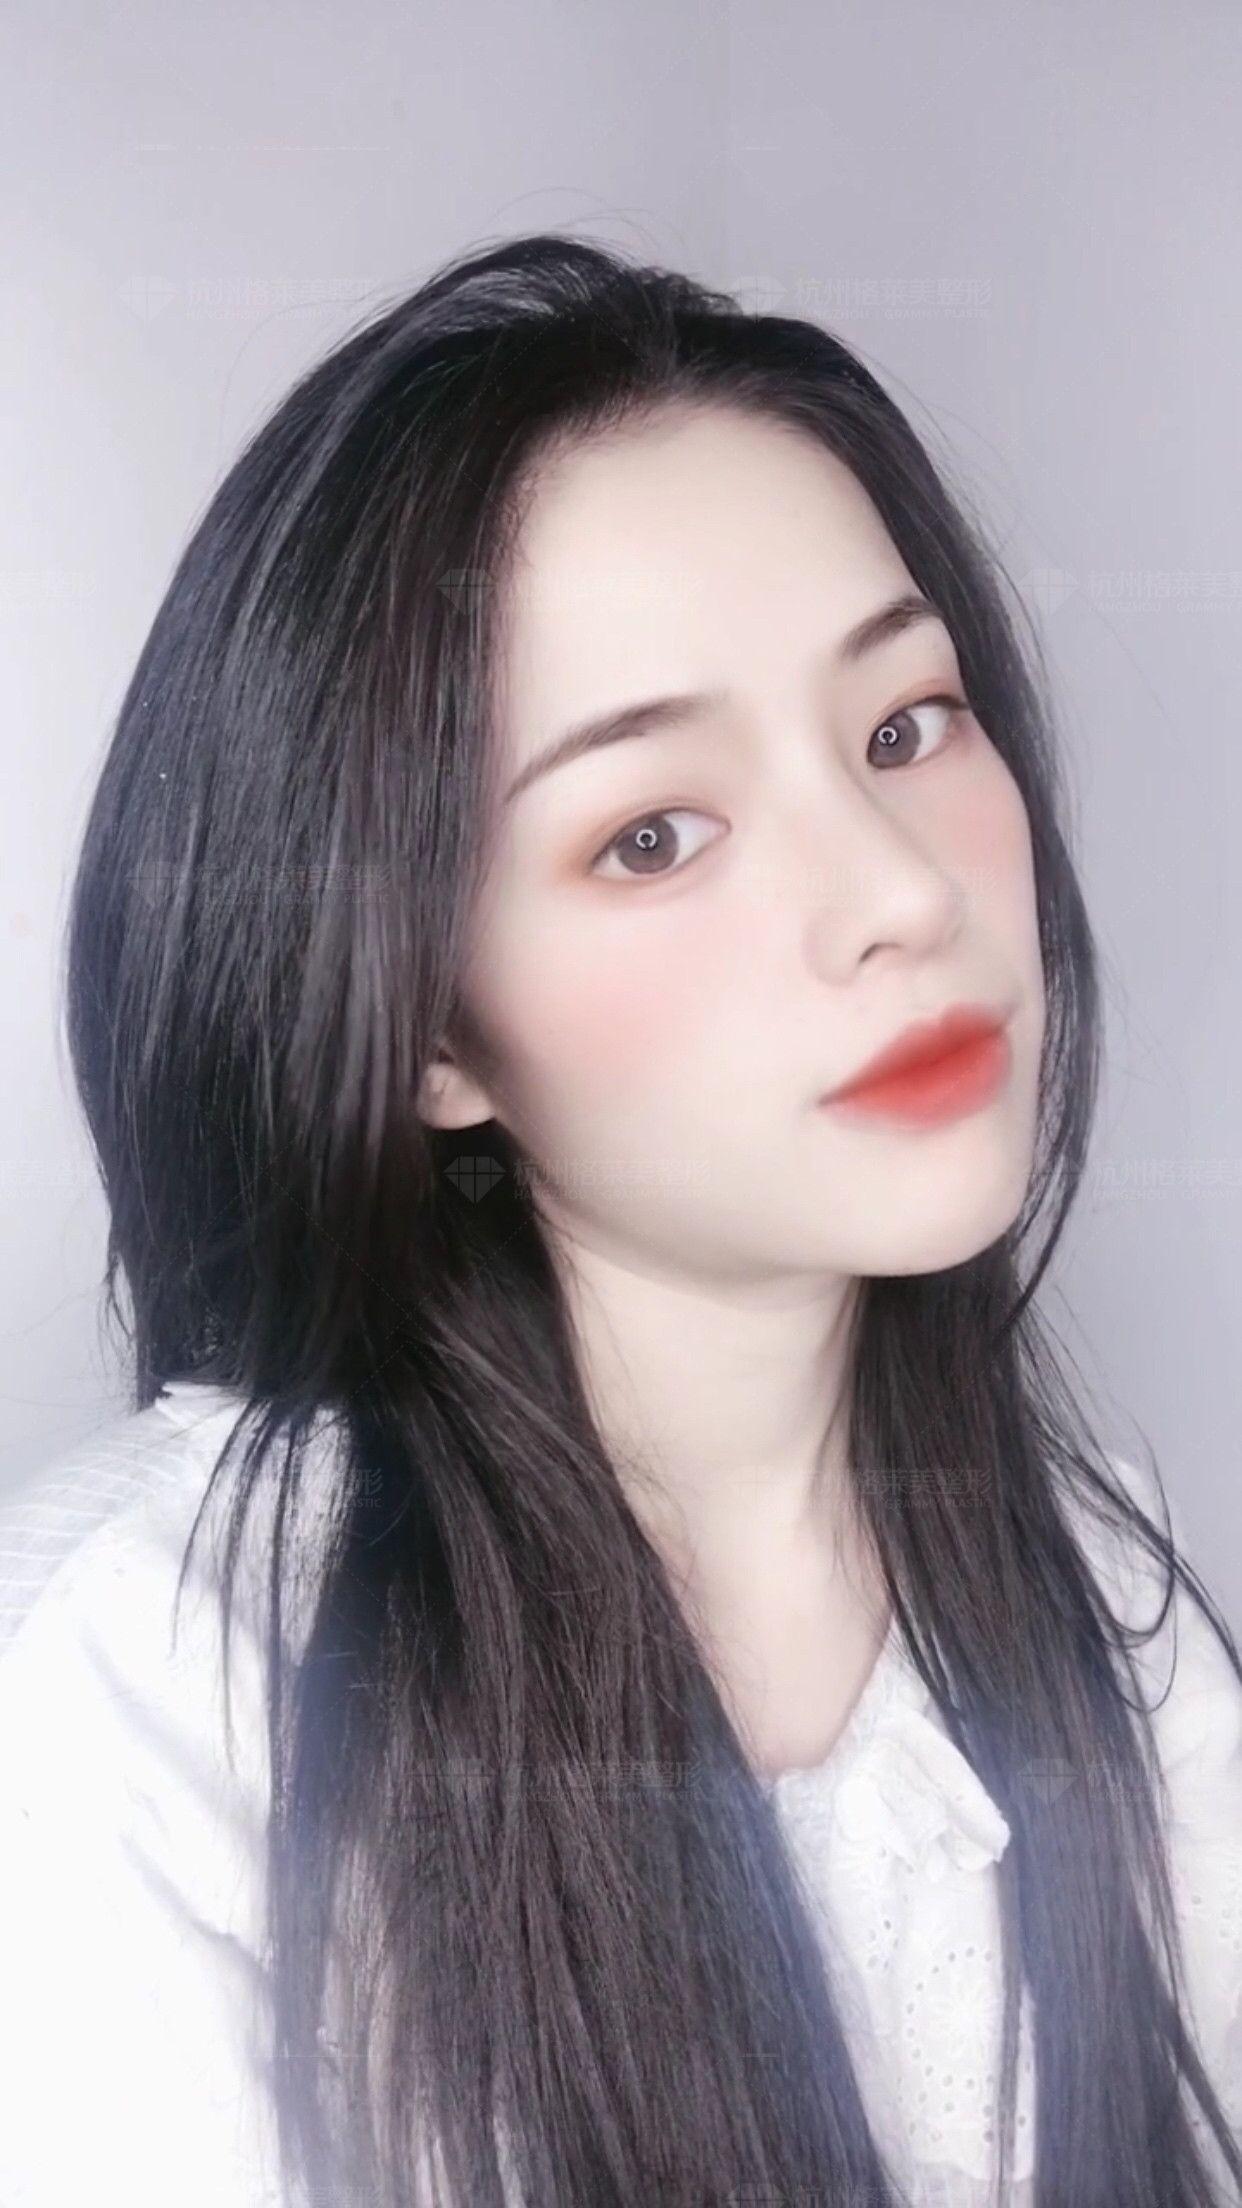 格莱美UD美鼻 项目分类:鼻部整形 鼻部综合